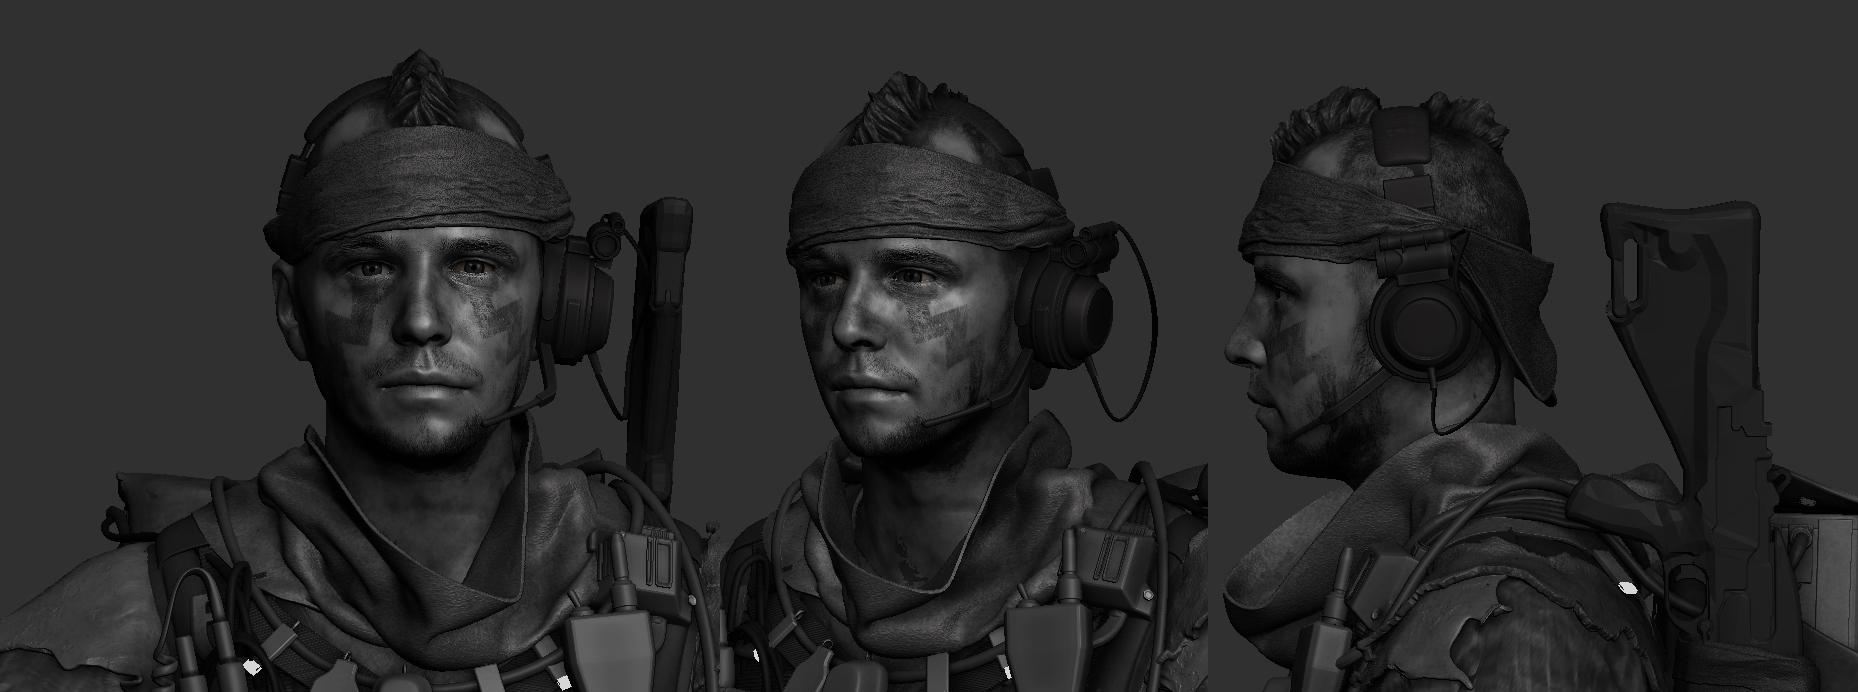 Doom 4 opět vnadí screenshoty a artworky 61109